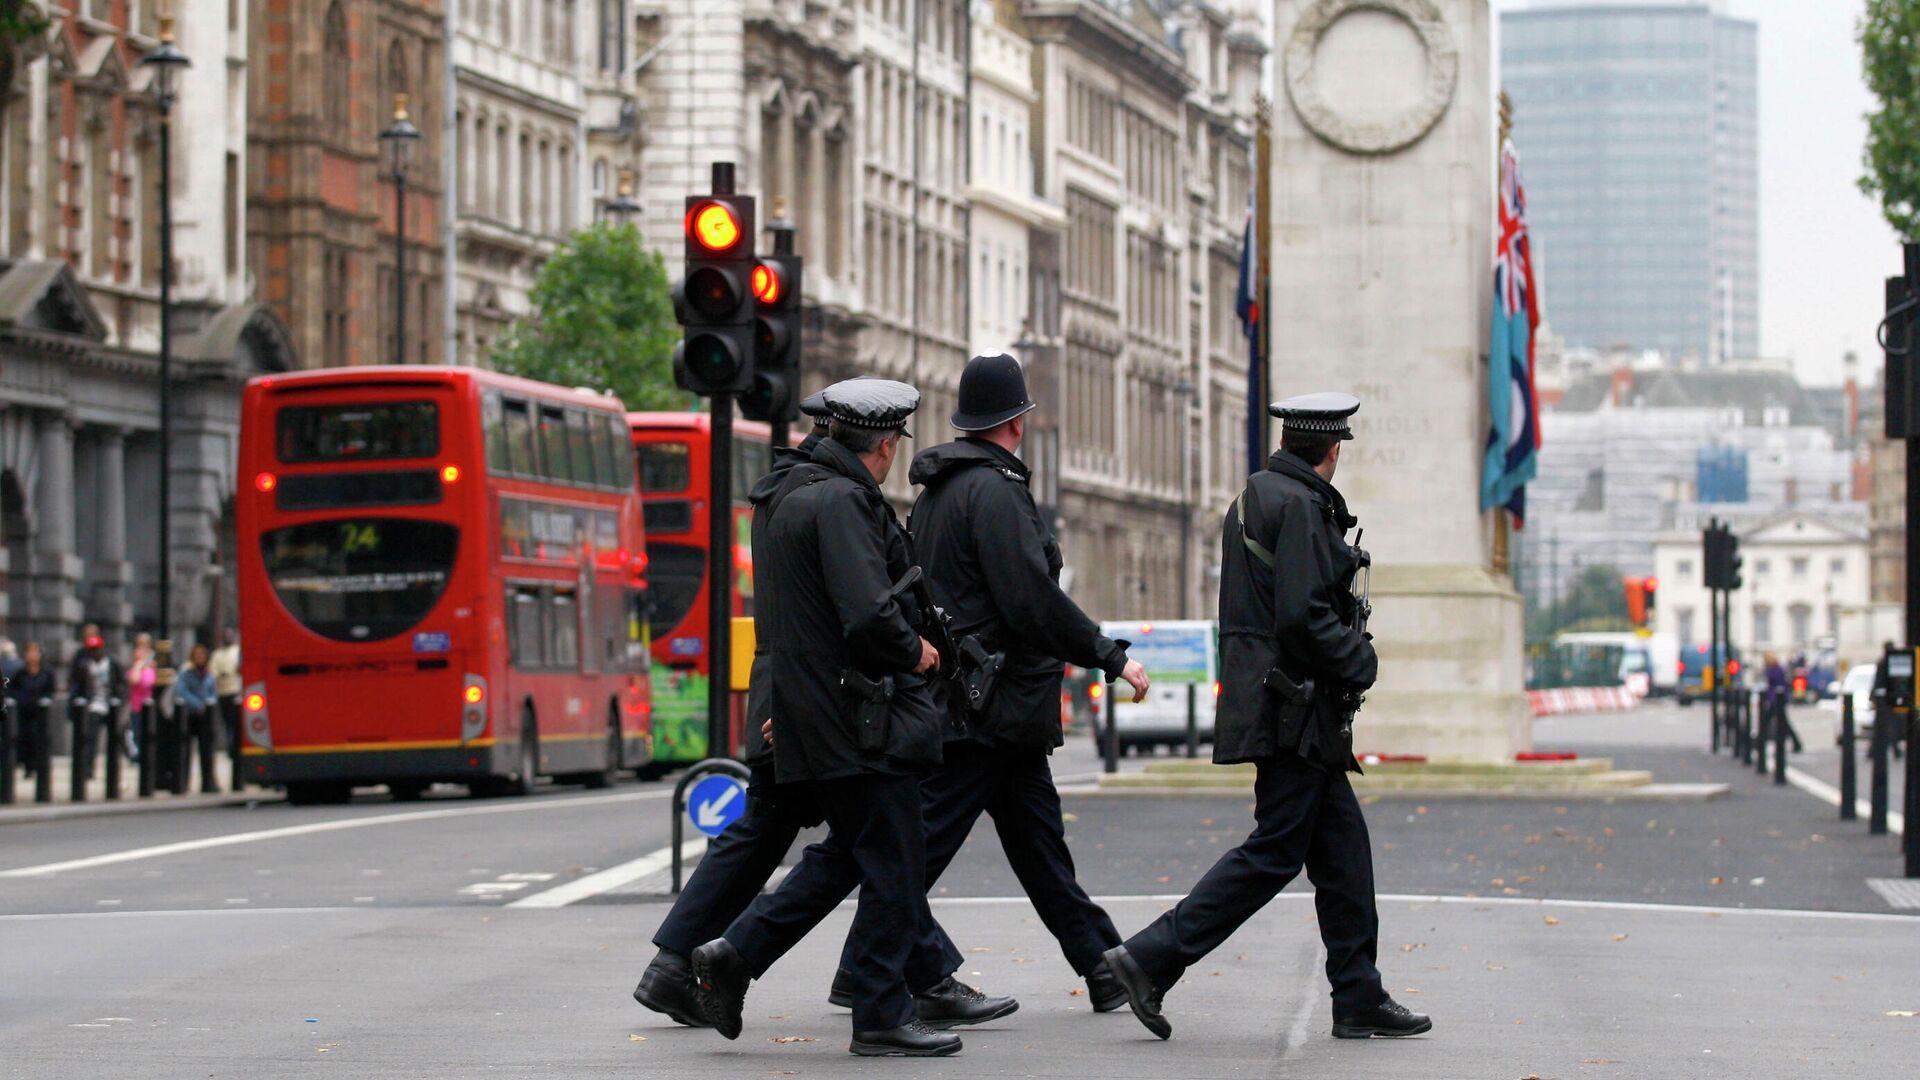 Полицейские переходят дорогу у здания Министерства иностранных дел и международного развития в Лондоне - РИА Новости, 1920, 25.02.2021